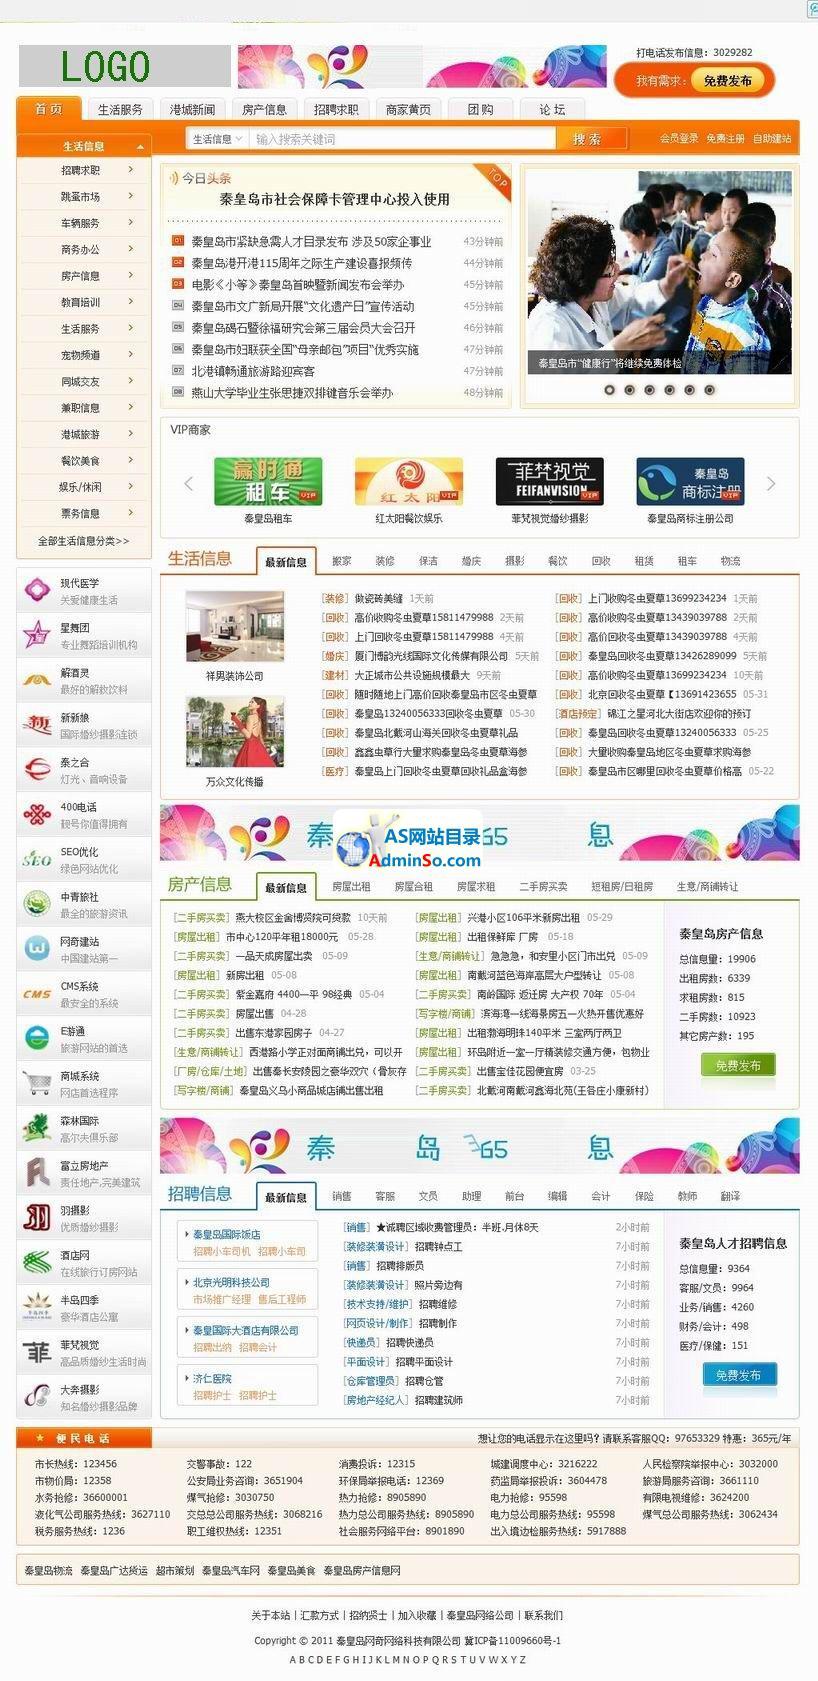 地方门户信息网